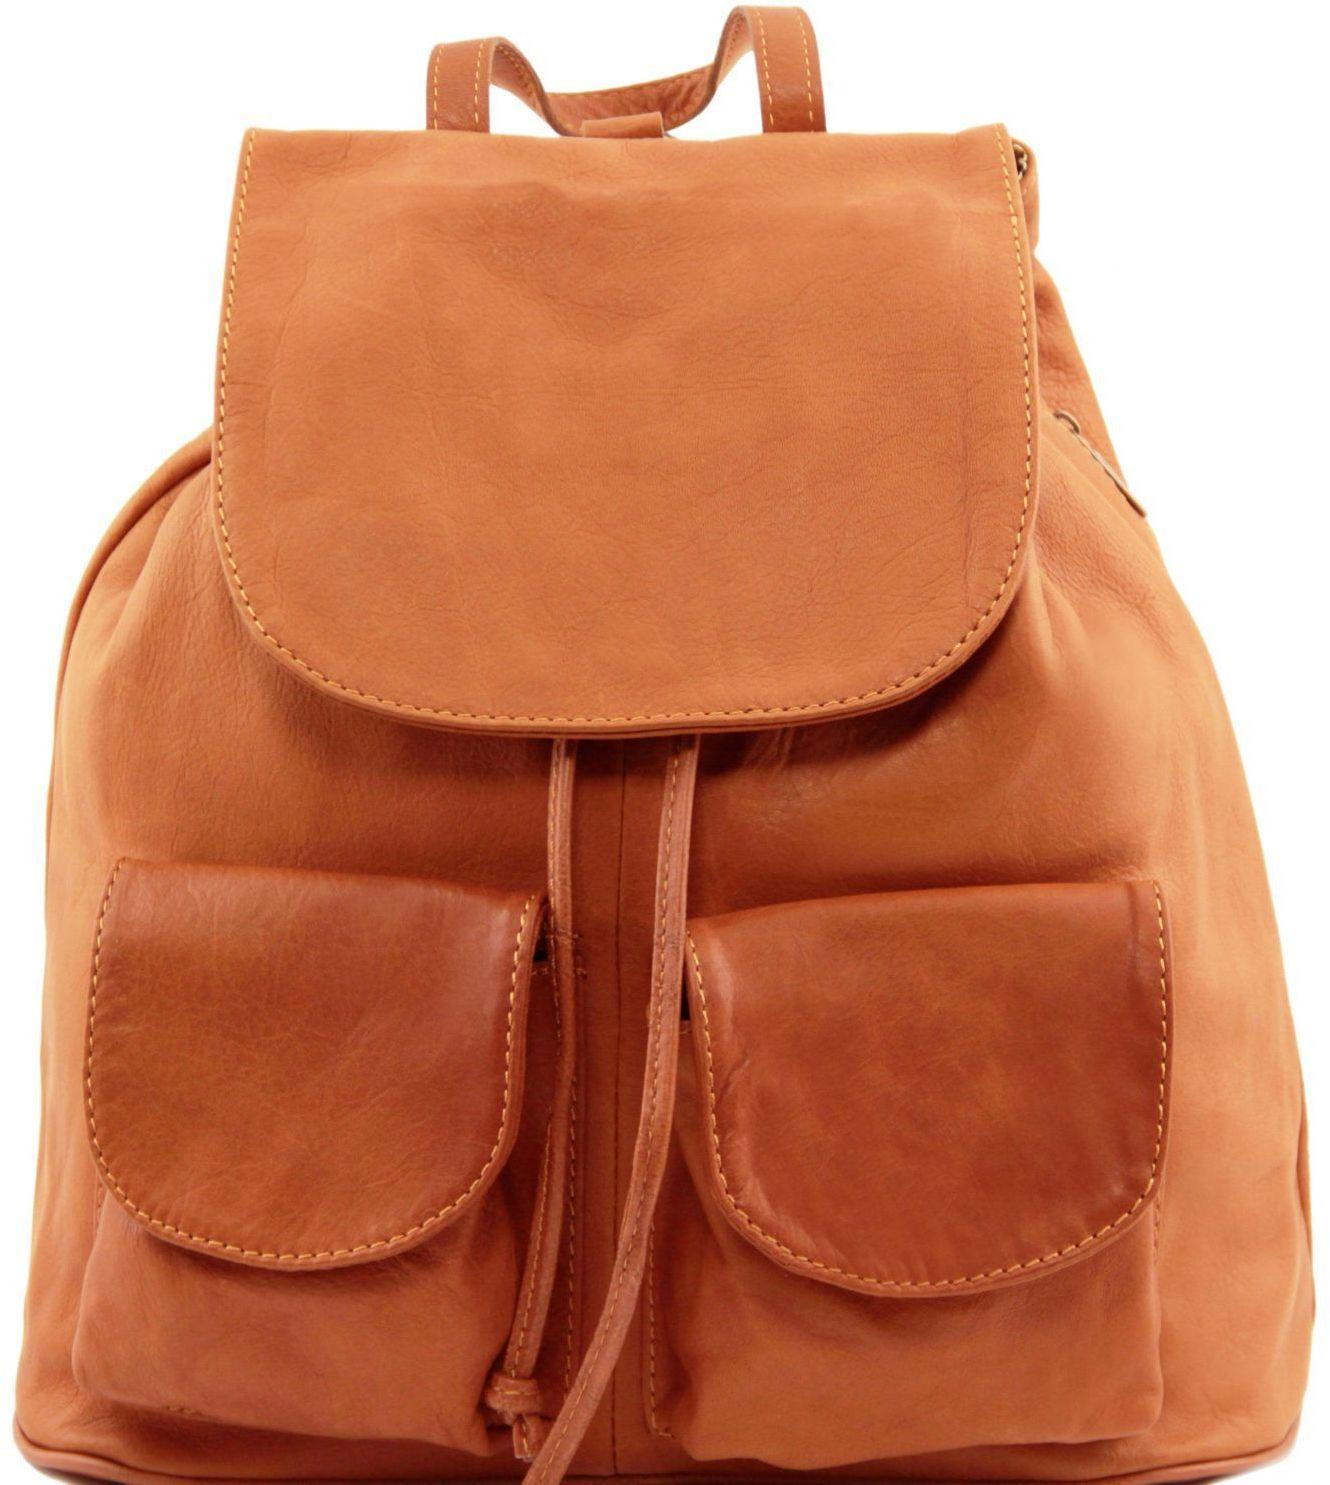 Γυναικεία Τσάντα Δερμάτινη Seoul L Κονιάκ Tuscany Leather γυναίκα   τσάντες πλάτης